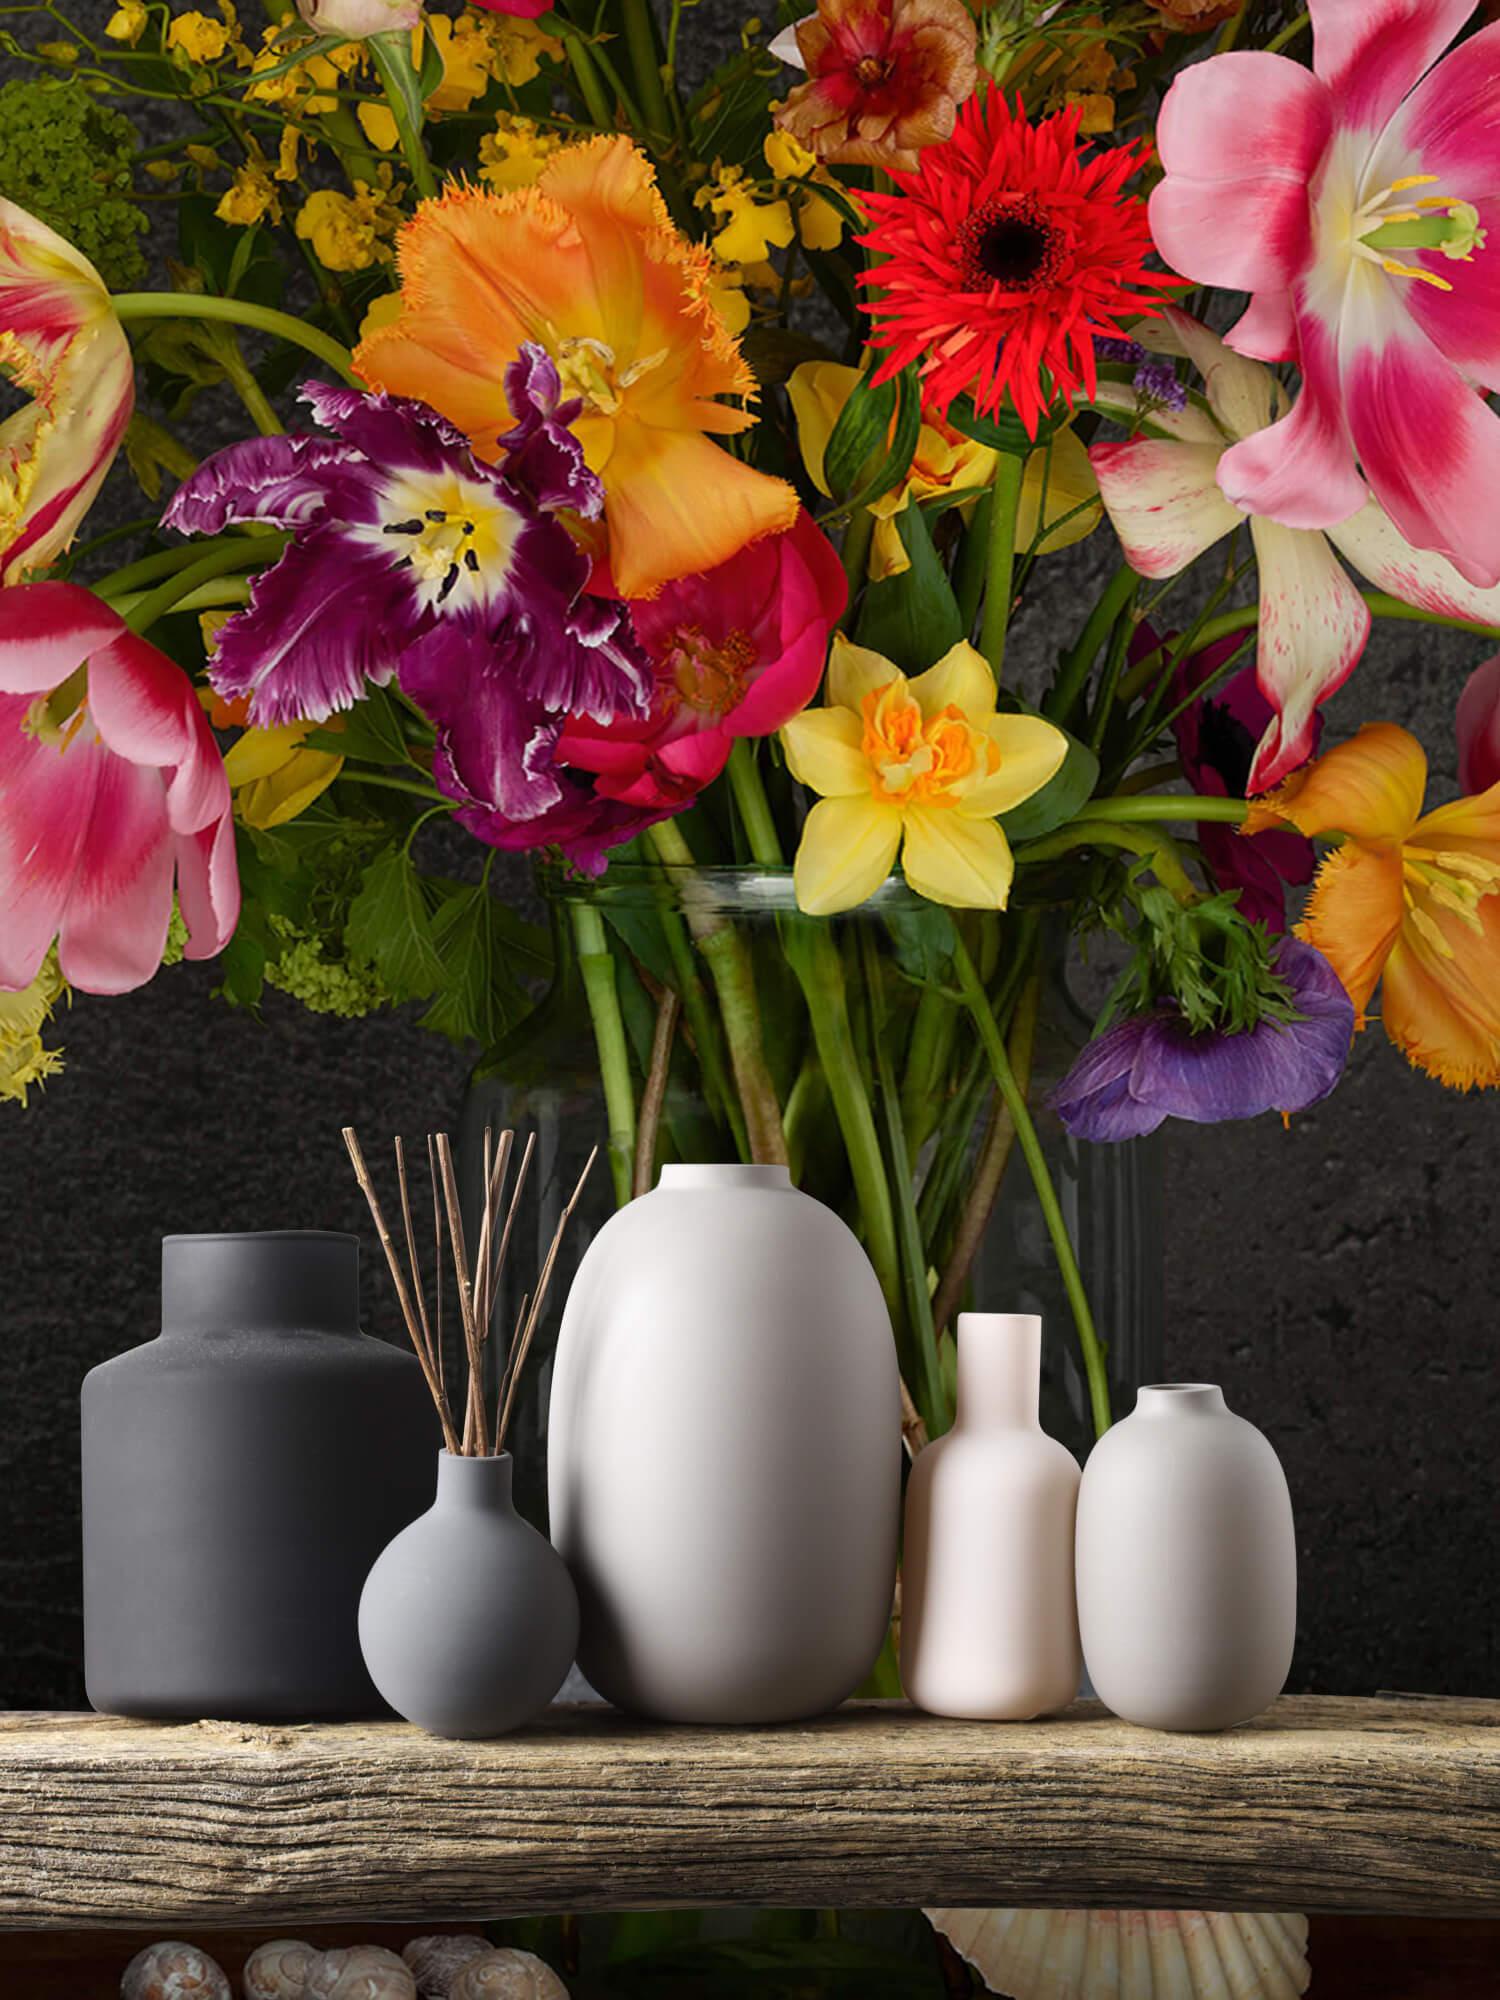 Flowers W04534 4